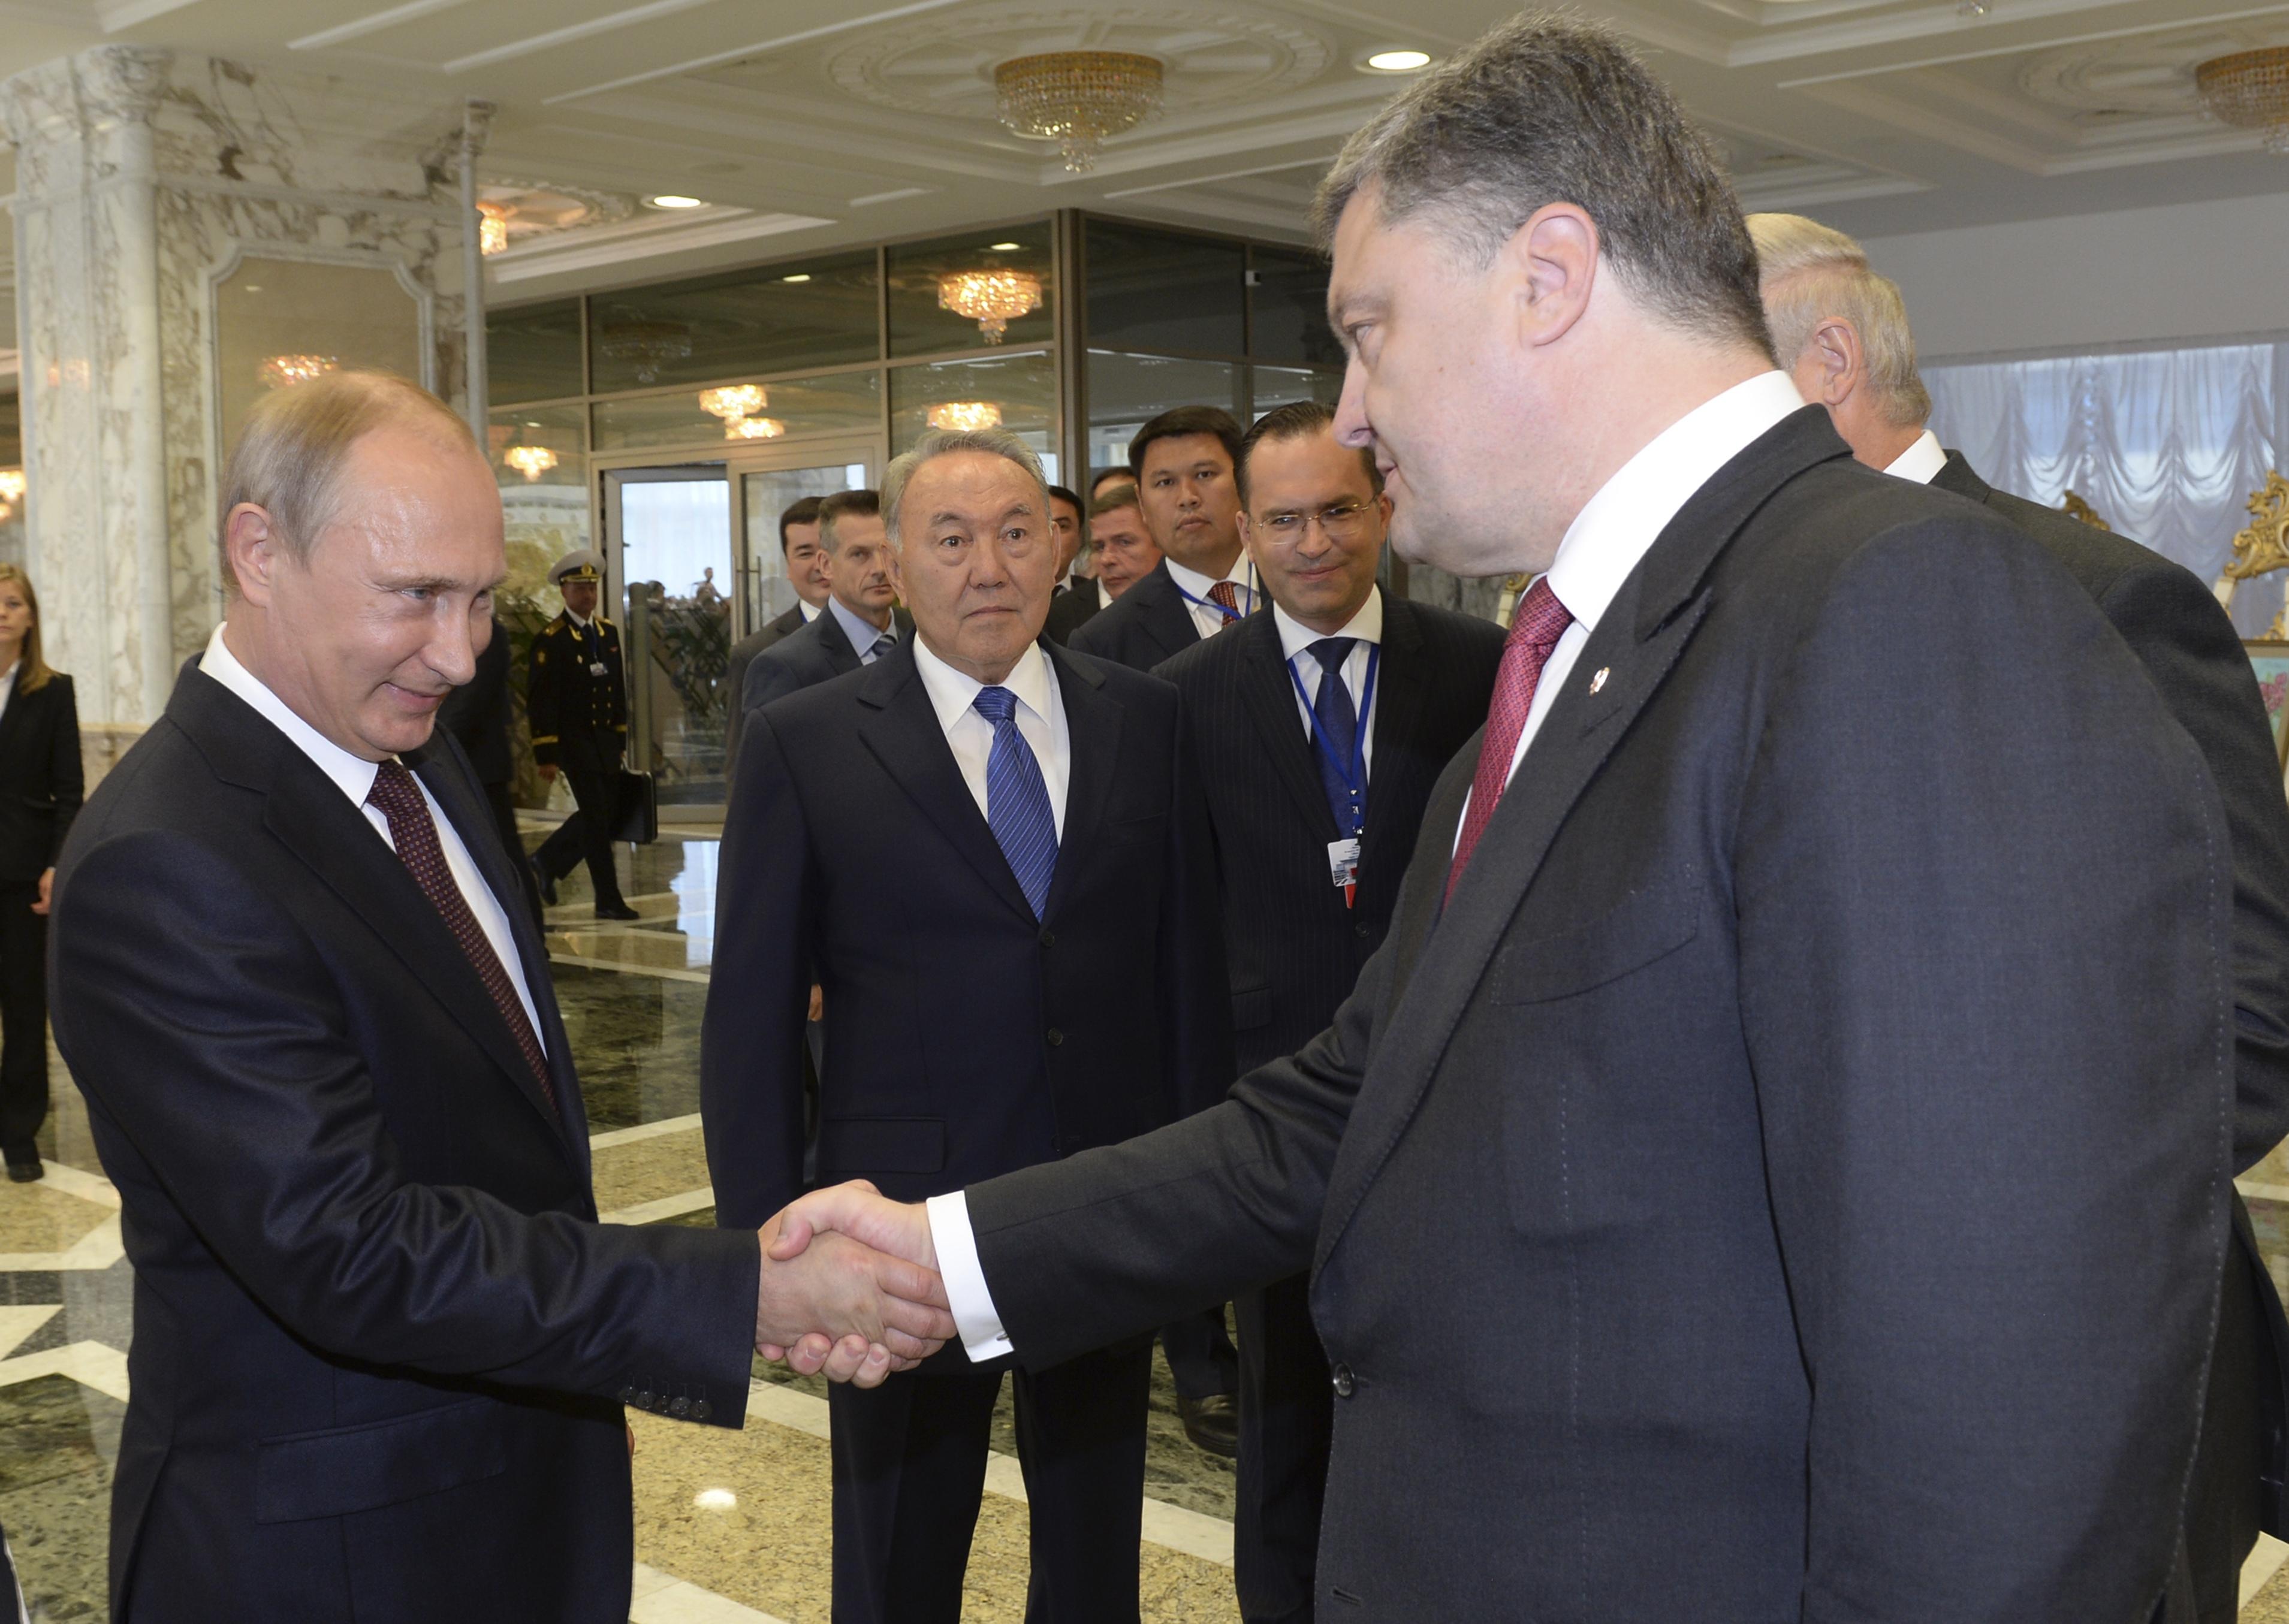 Трехсторонняя контактная группа подписала соглашение о разведении сторон на трех участках в зоне АТО, - пресс-секретарь Кучмы - Цензор.НЕТ 1783